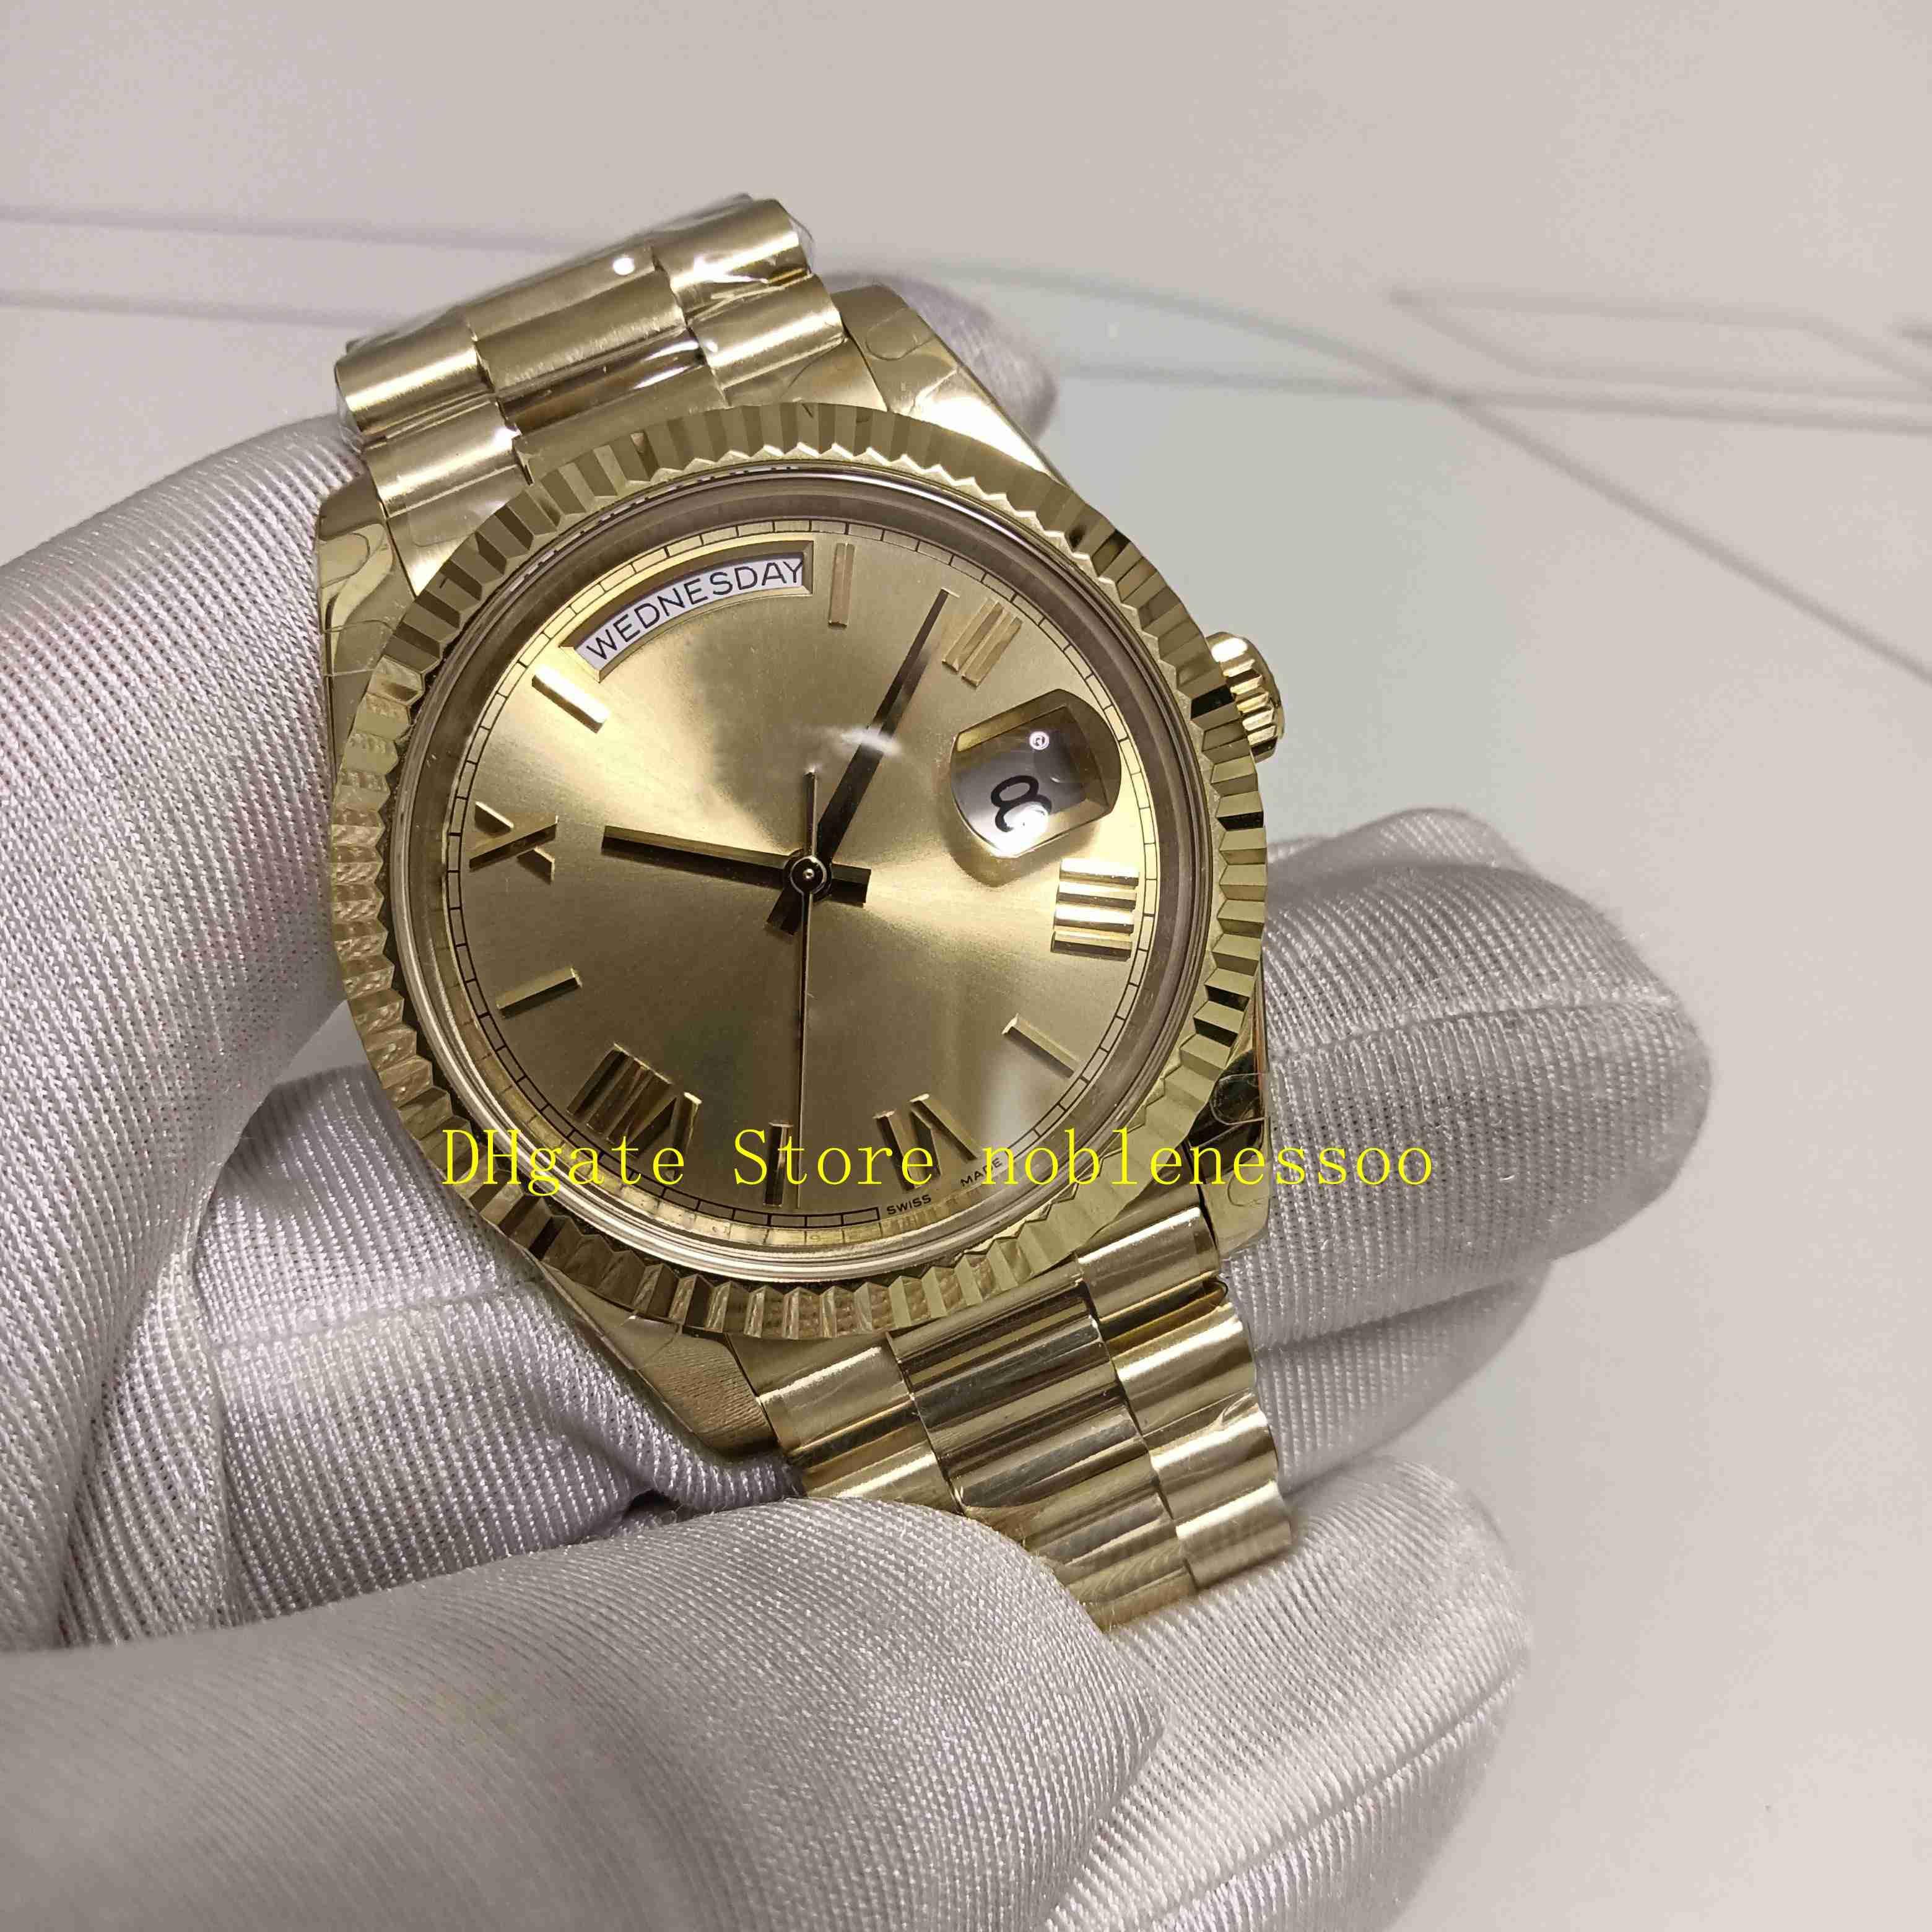 8 Style Top Version Mens Watch Bp Factory Män 228238 VD för datum 40mm Champagne 18K Gul Guld 228235 Armband Eta Cal.2813 Rörelse Automatisk Klockor Presentförpackning